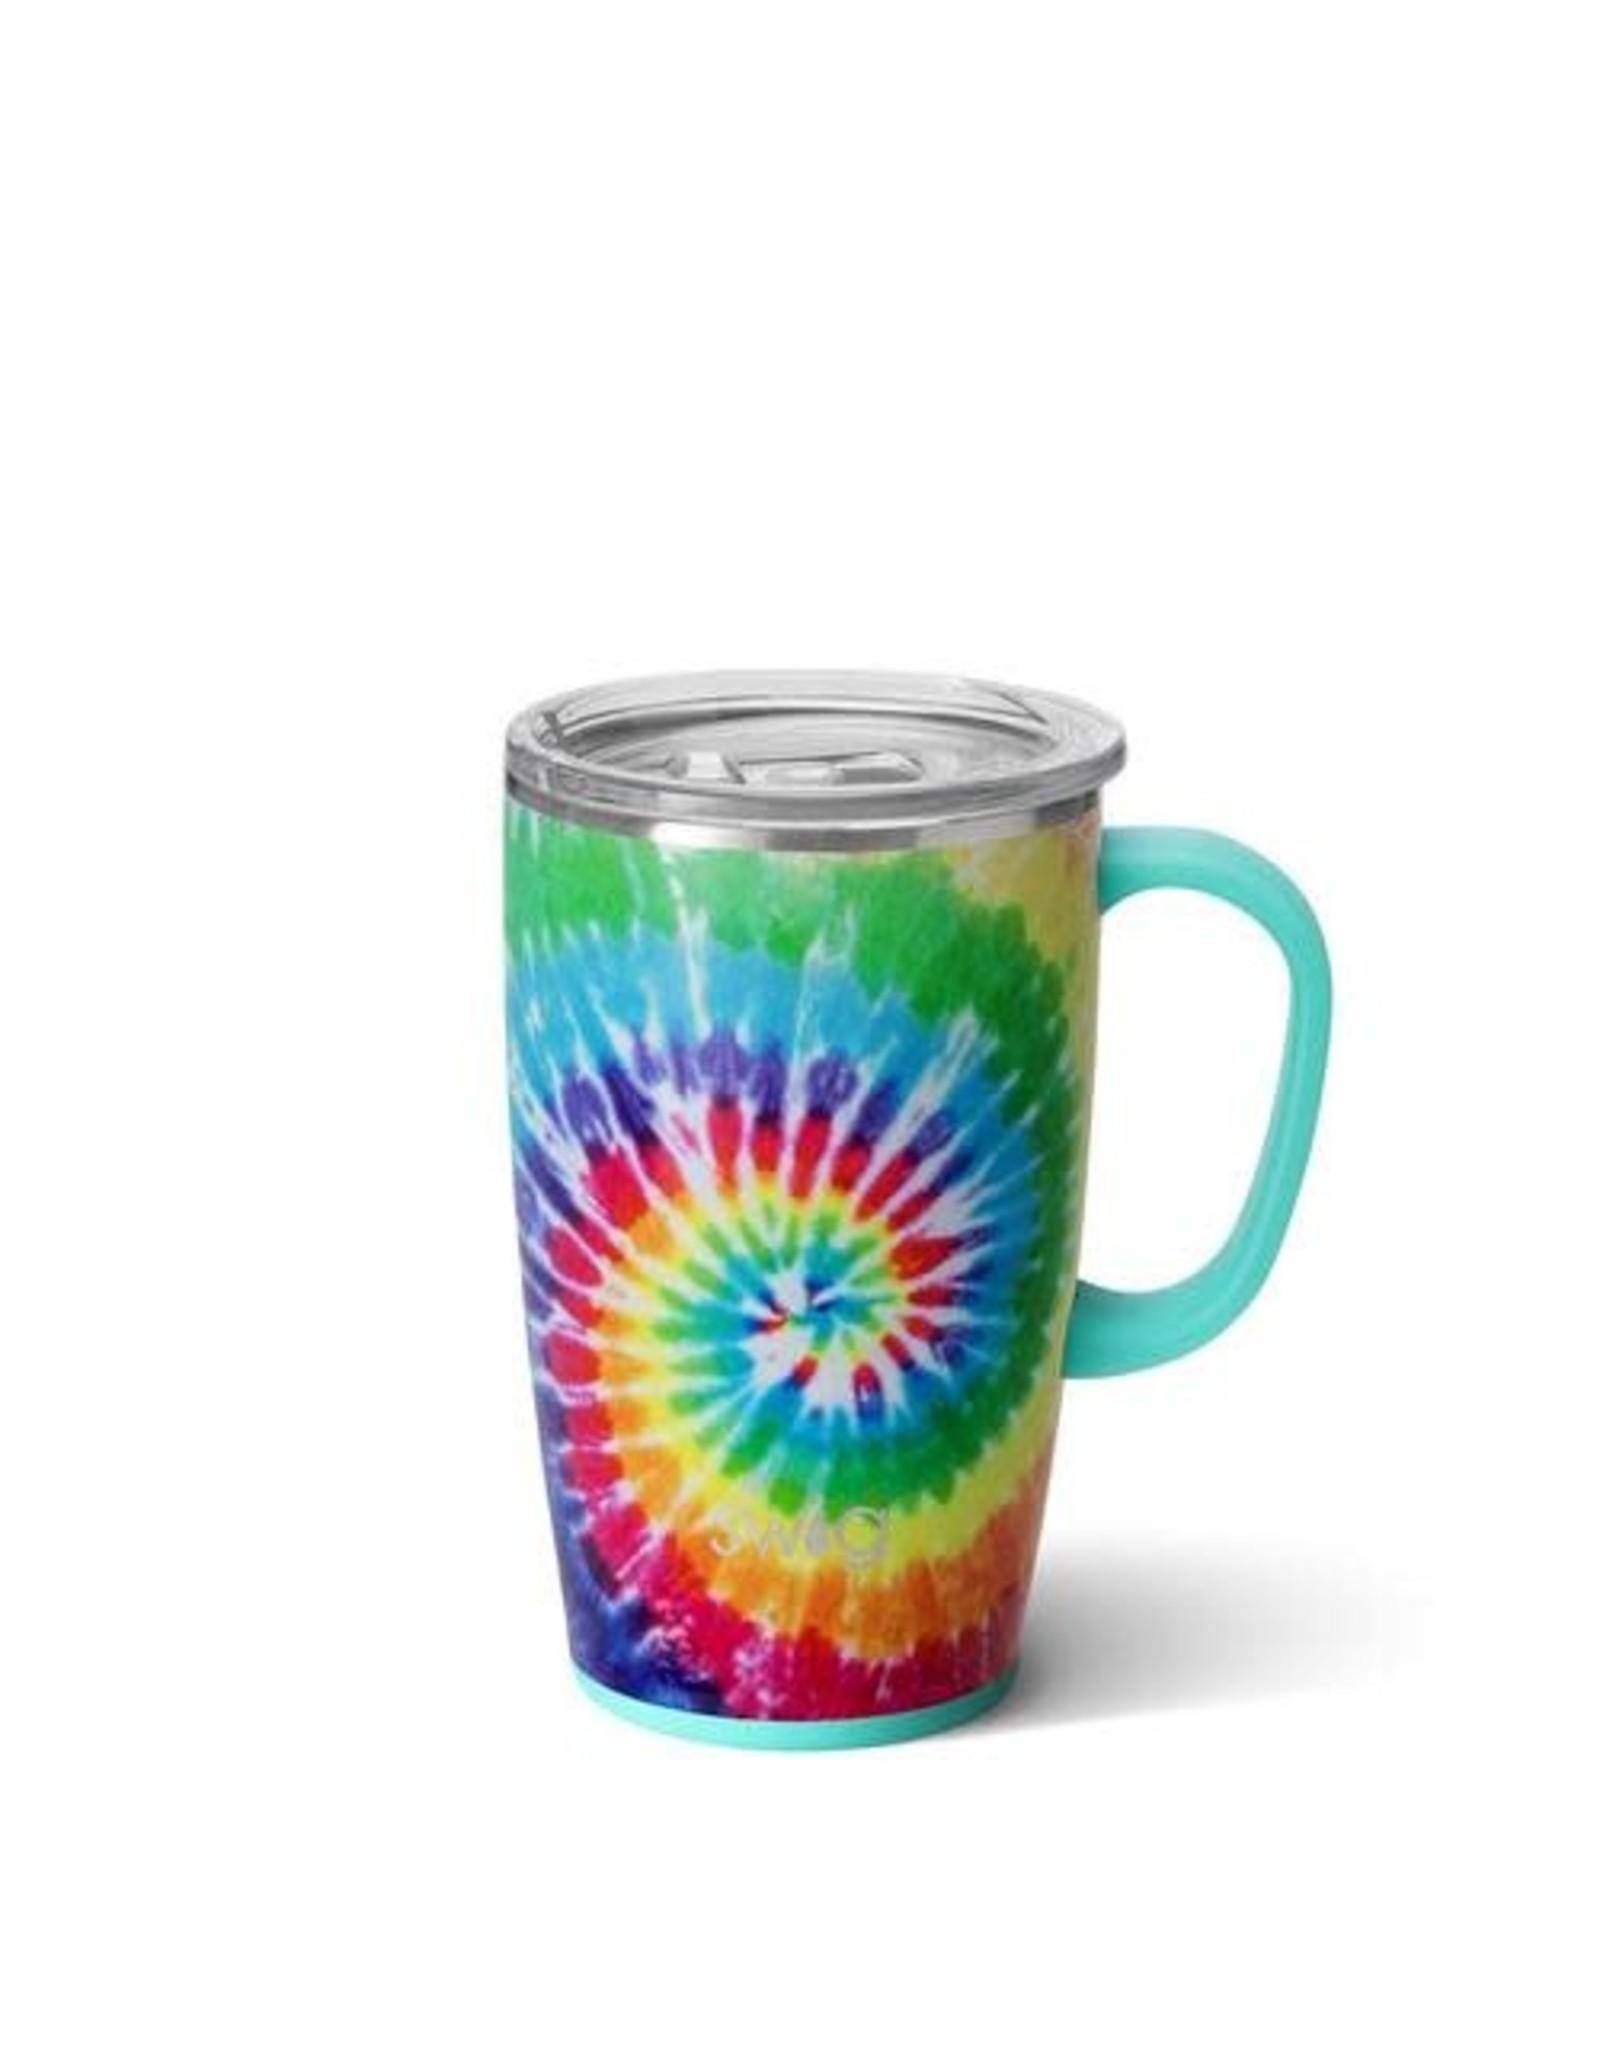 Swig 18 oz Mug - Swirled Peace